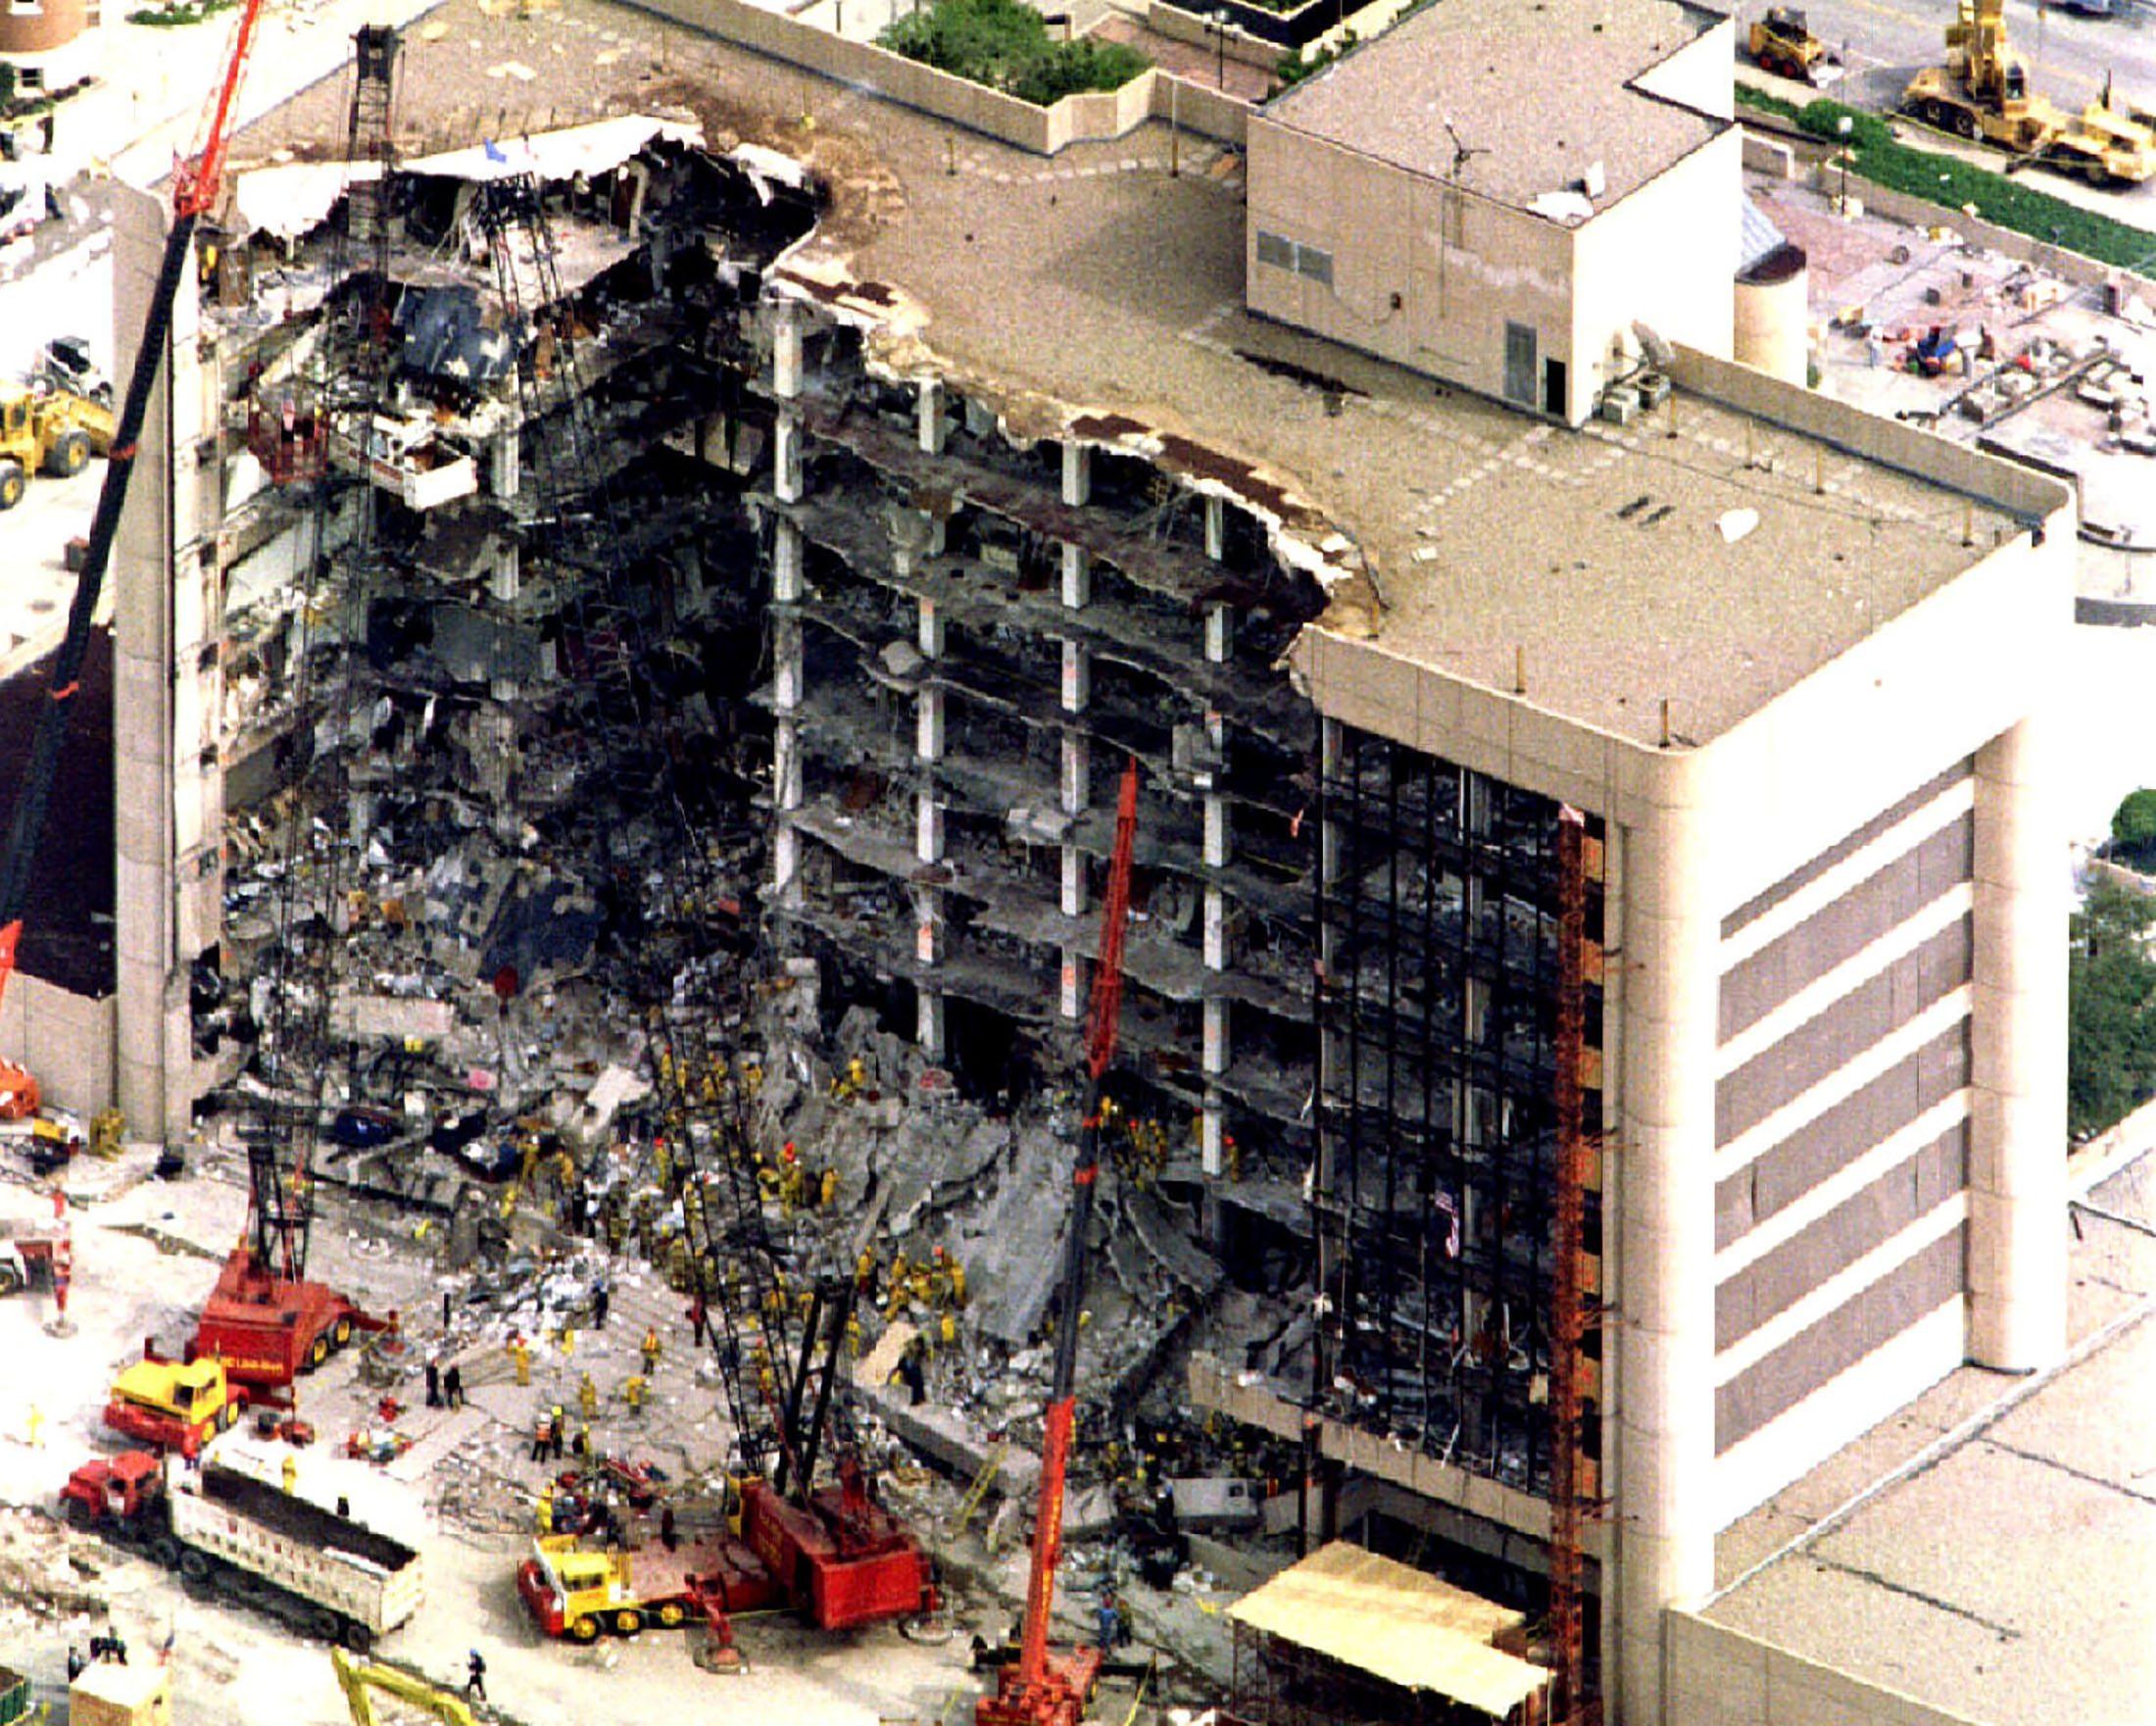 Who Bombed The Oklahoma City Building